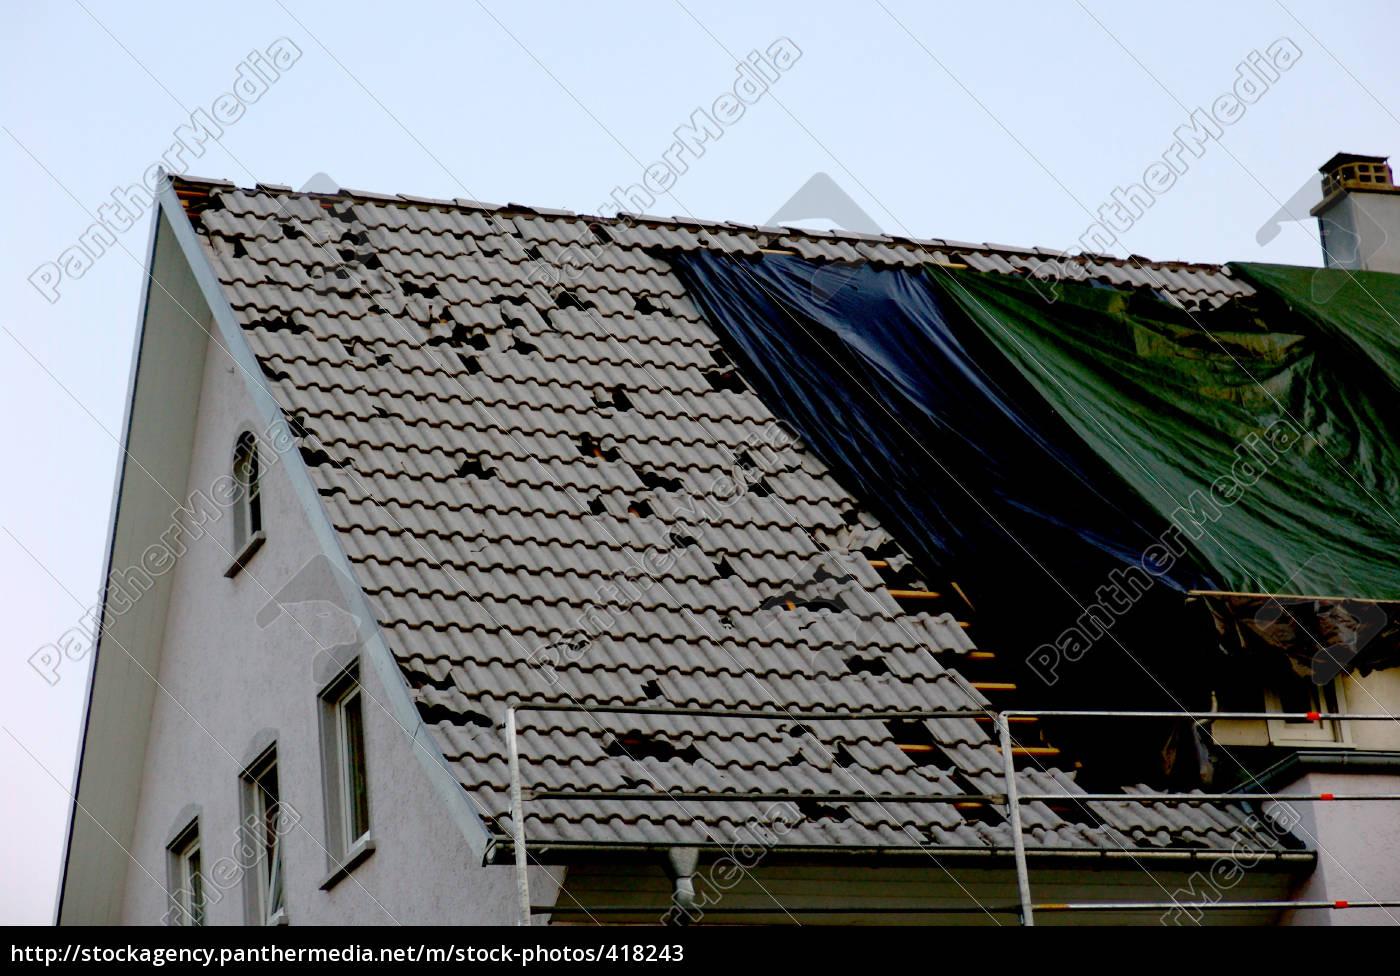 dach, vom, hagel, beschädigt - 418243